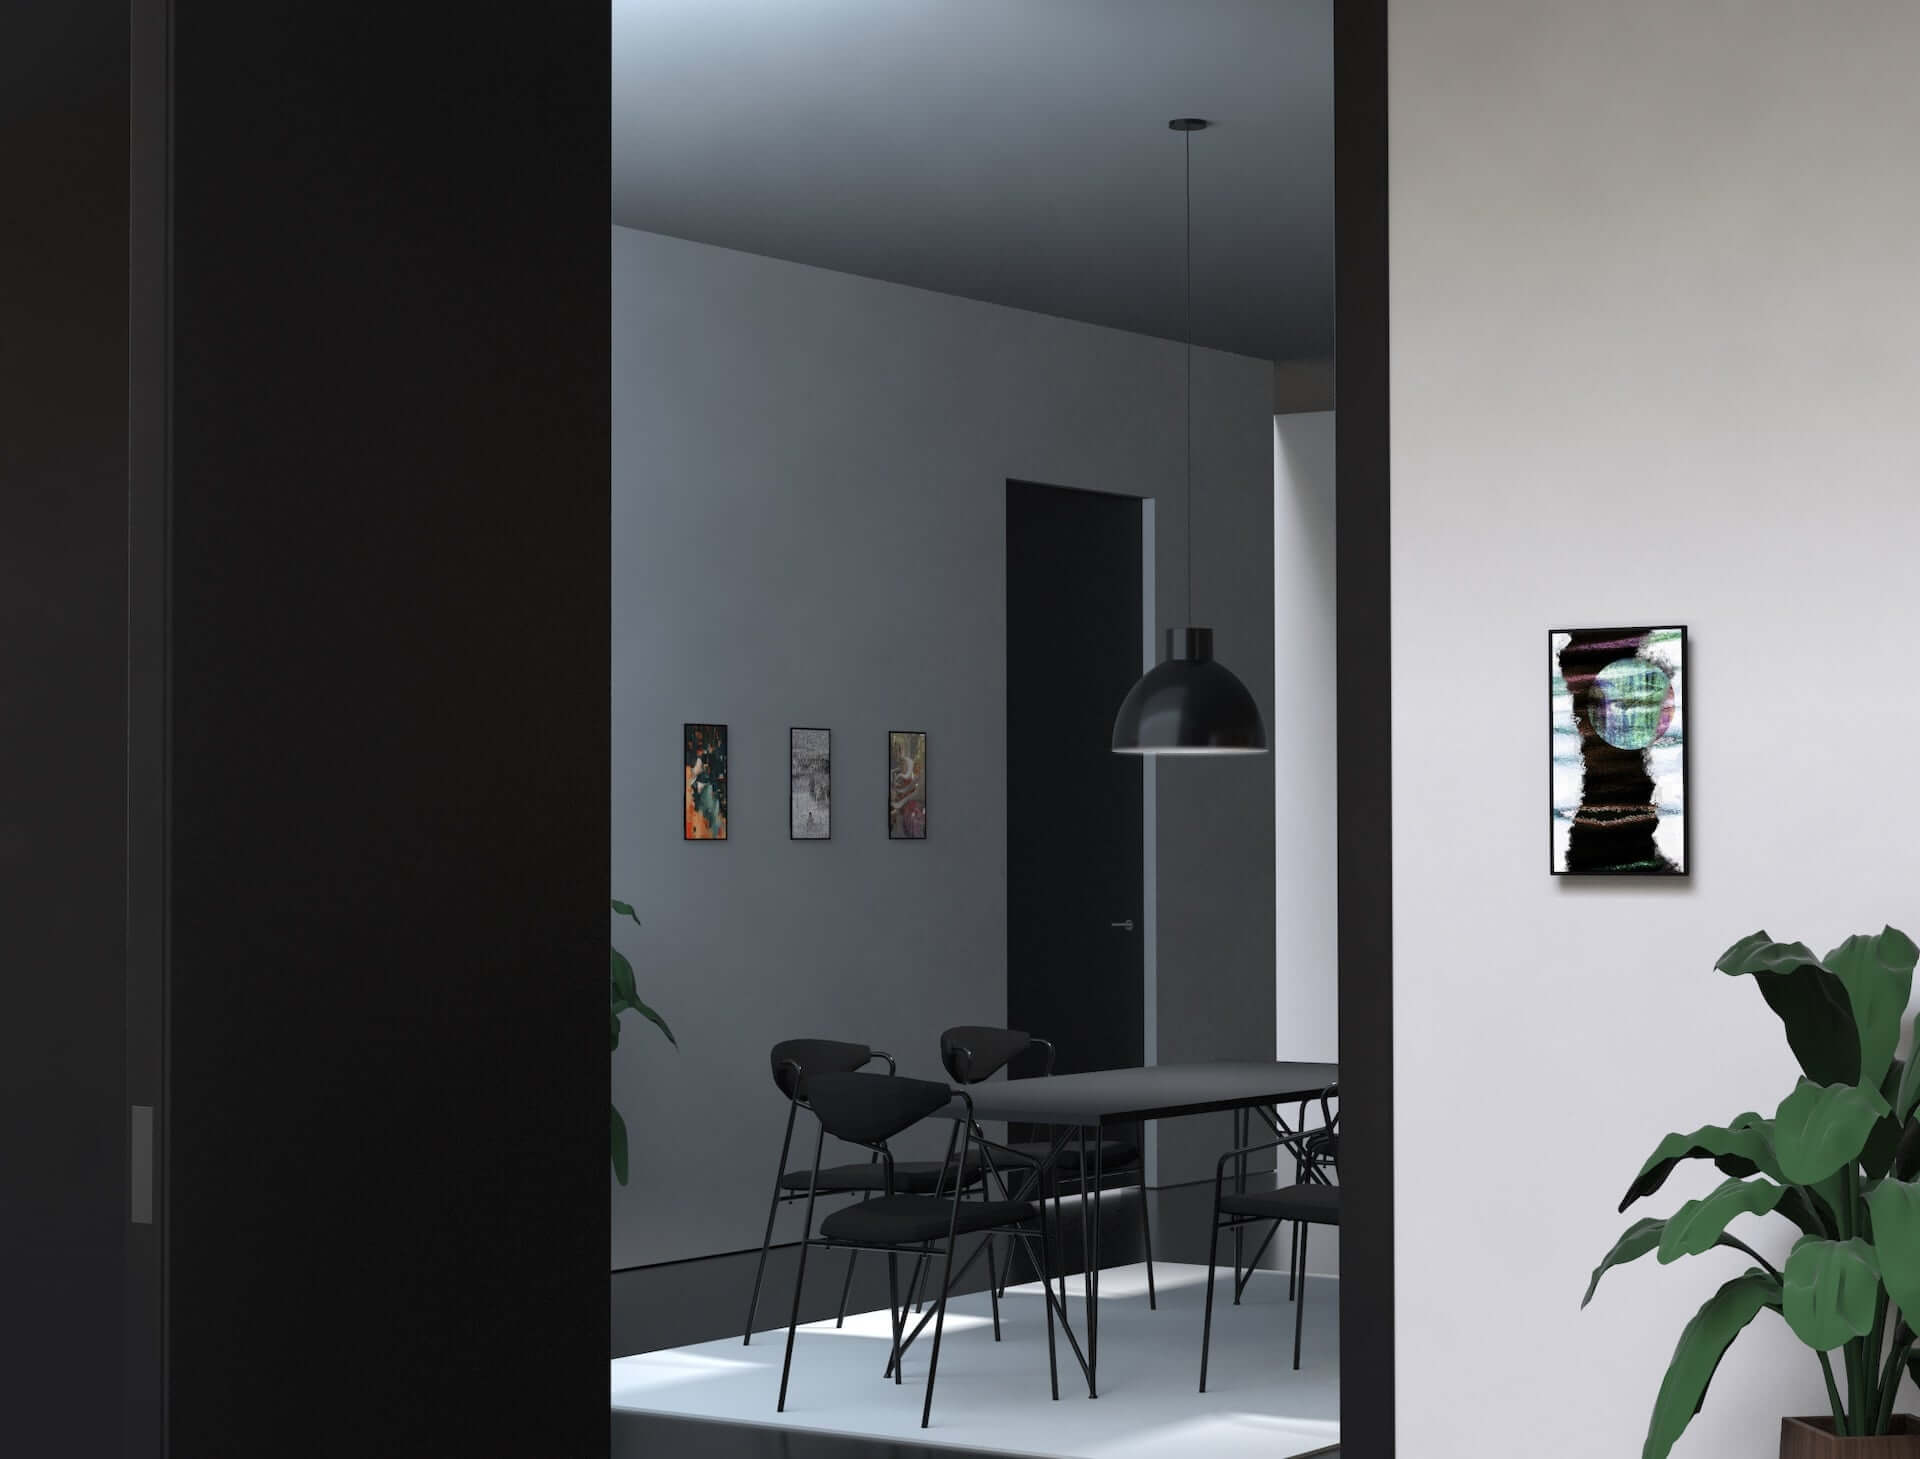 オンラインギャラリーの作品も投影できるデジタルアートフレーム『Mono X7』の予約販売が開始!YOSHIROTTENのコメントも tech200831_mono-x7_4-1920x1459